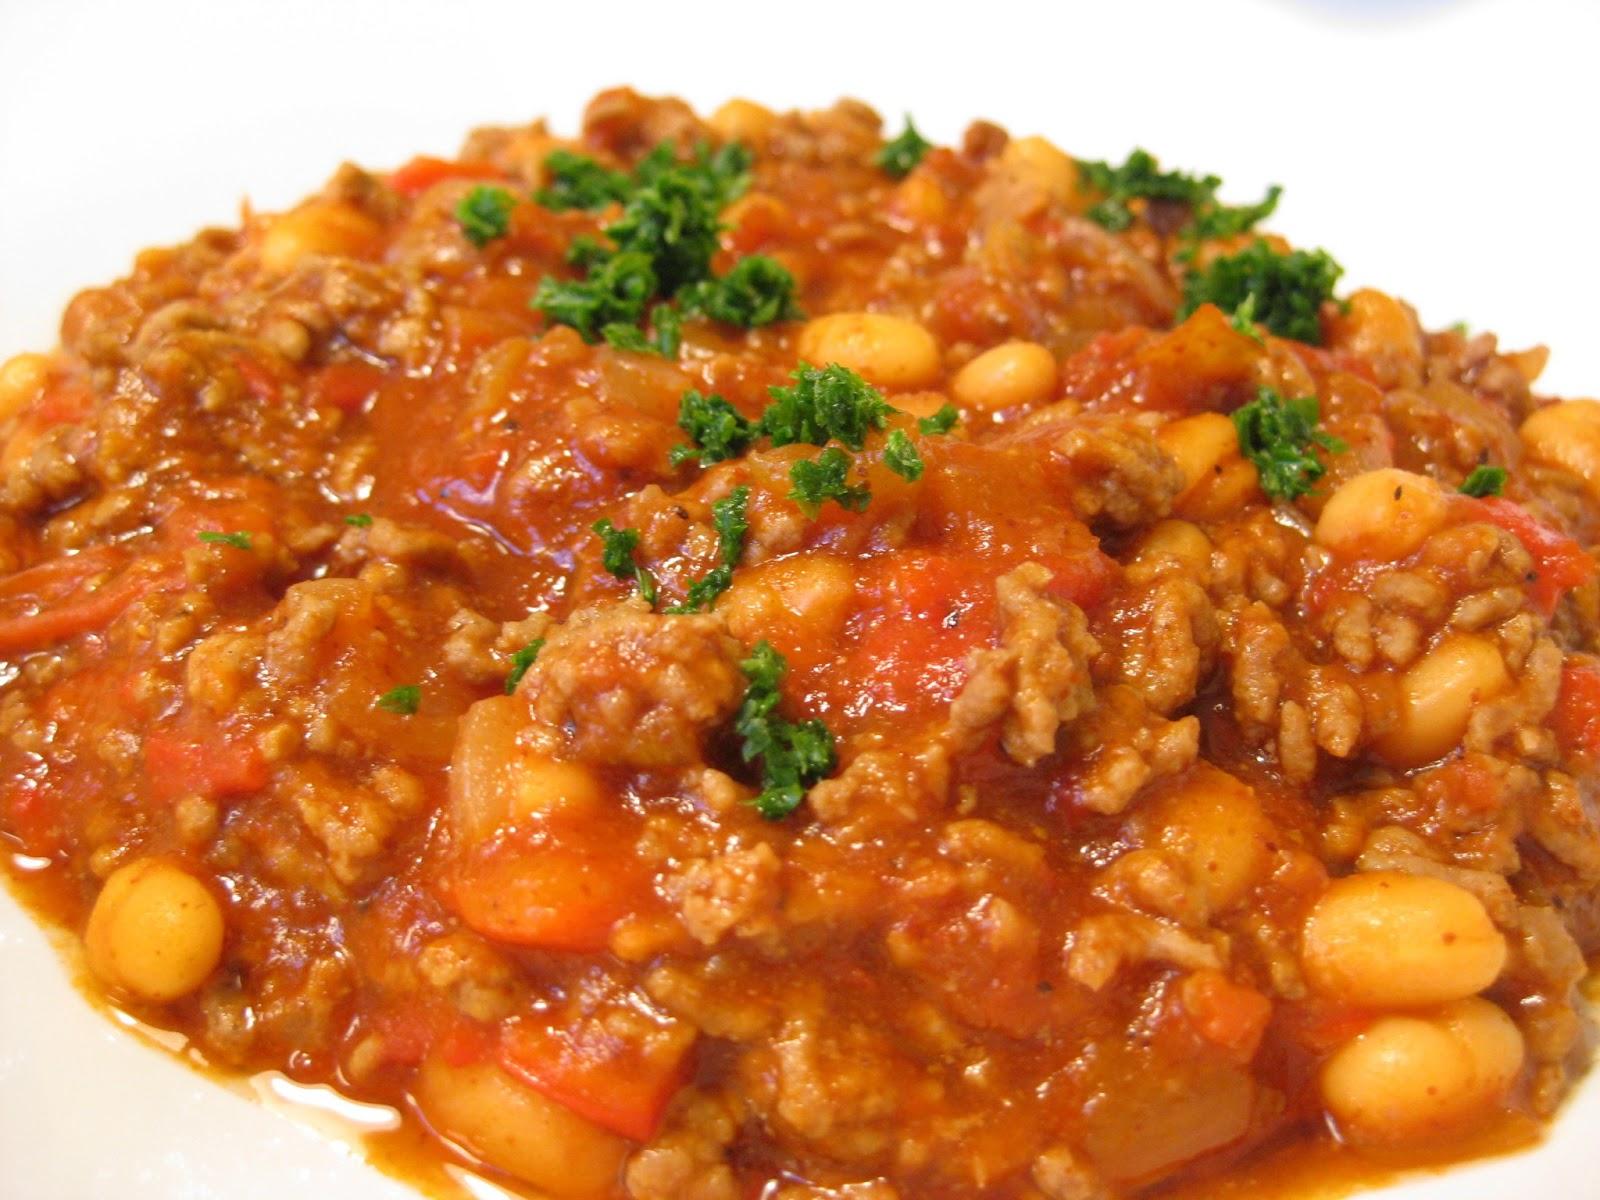 Nillas recept chili con carne - Chili con carne maison ...